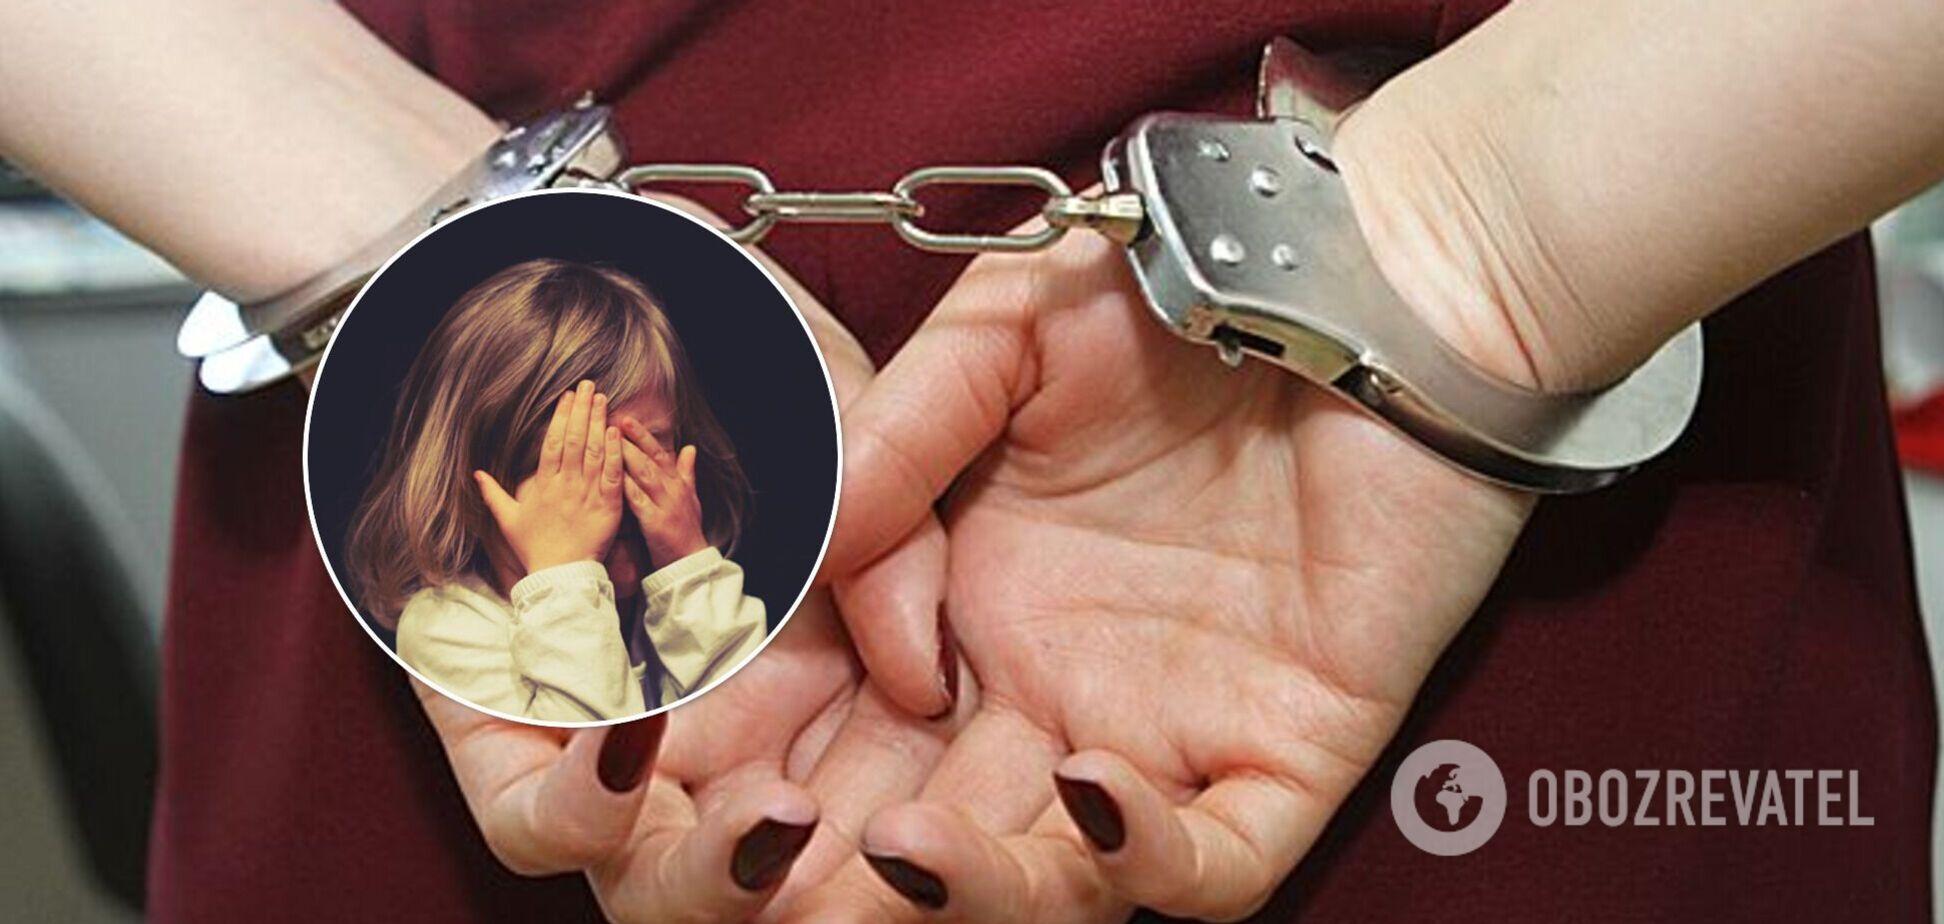 В Тернополе женщина пыталась задушить 4-летнюю дочь пакетом